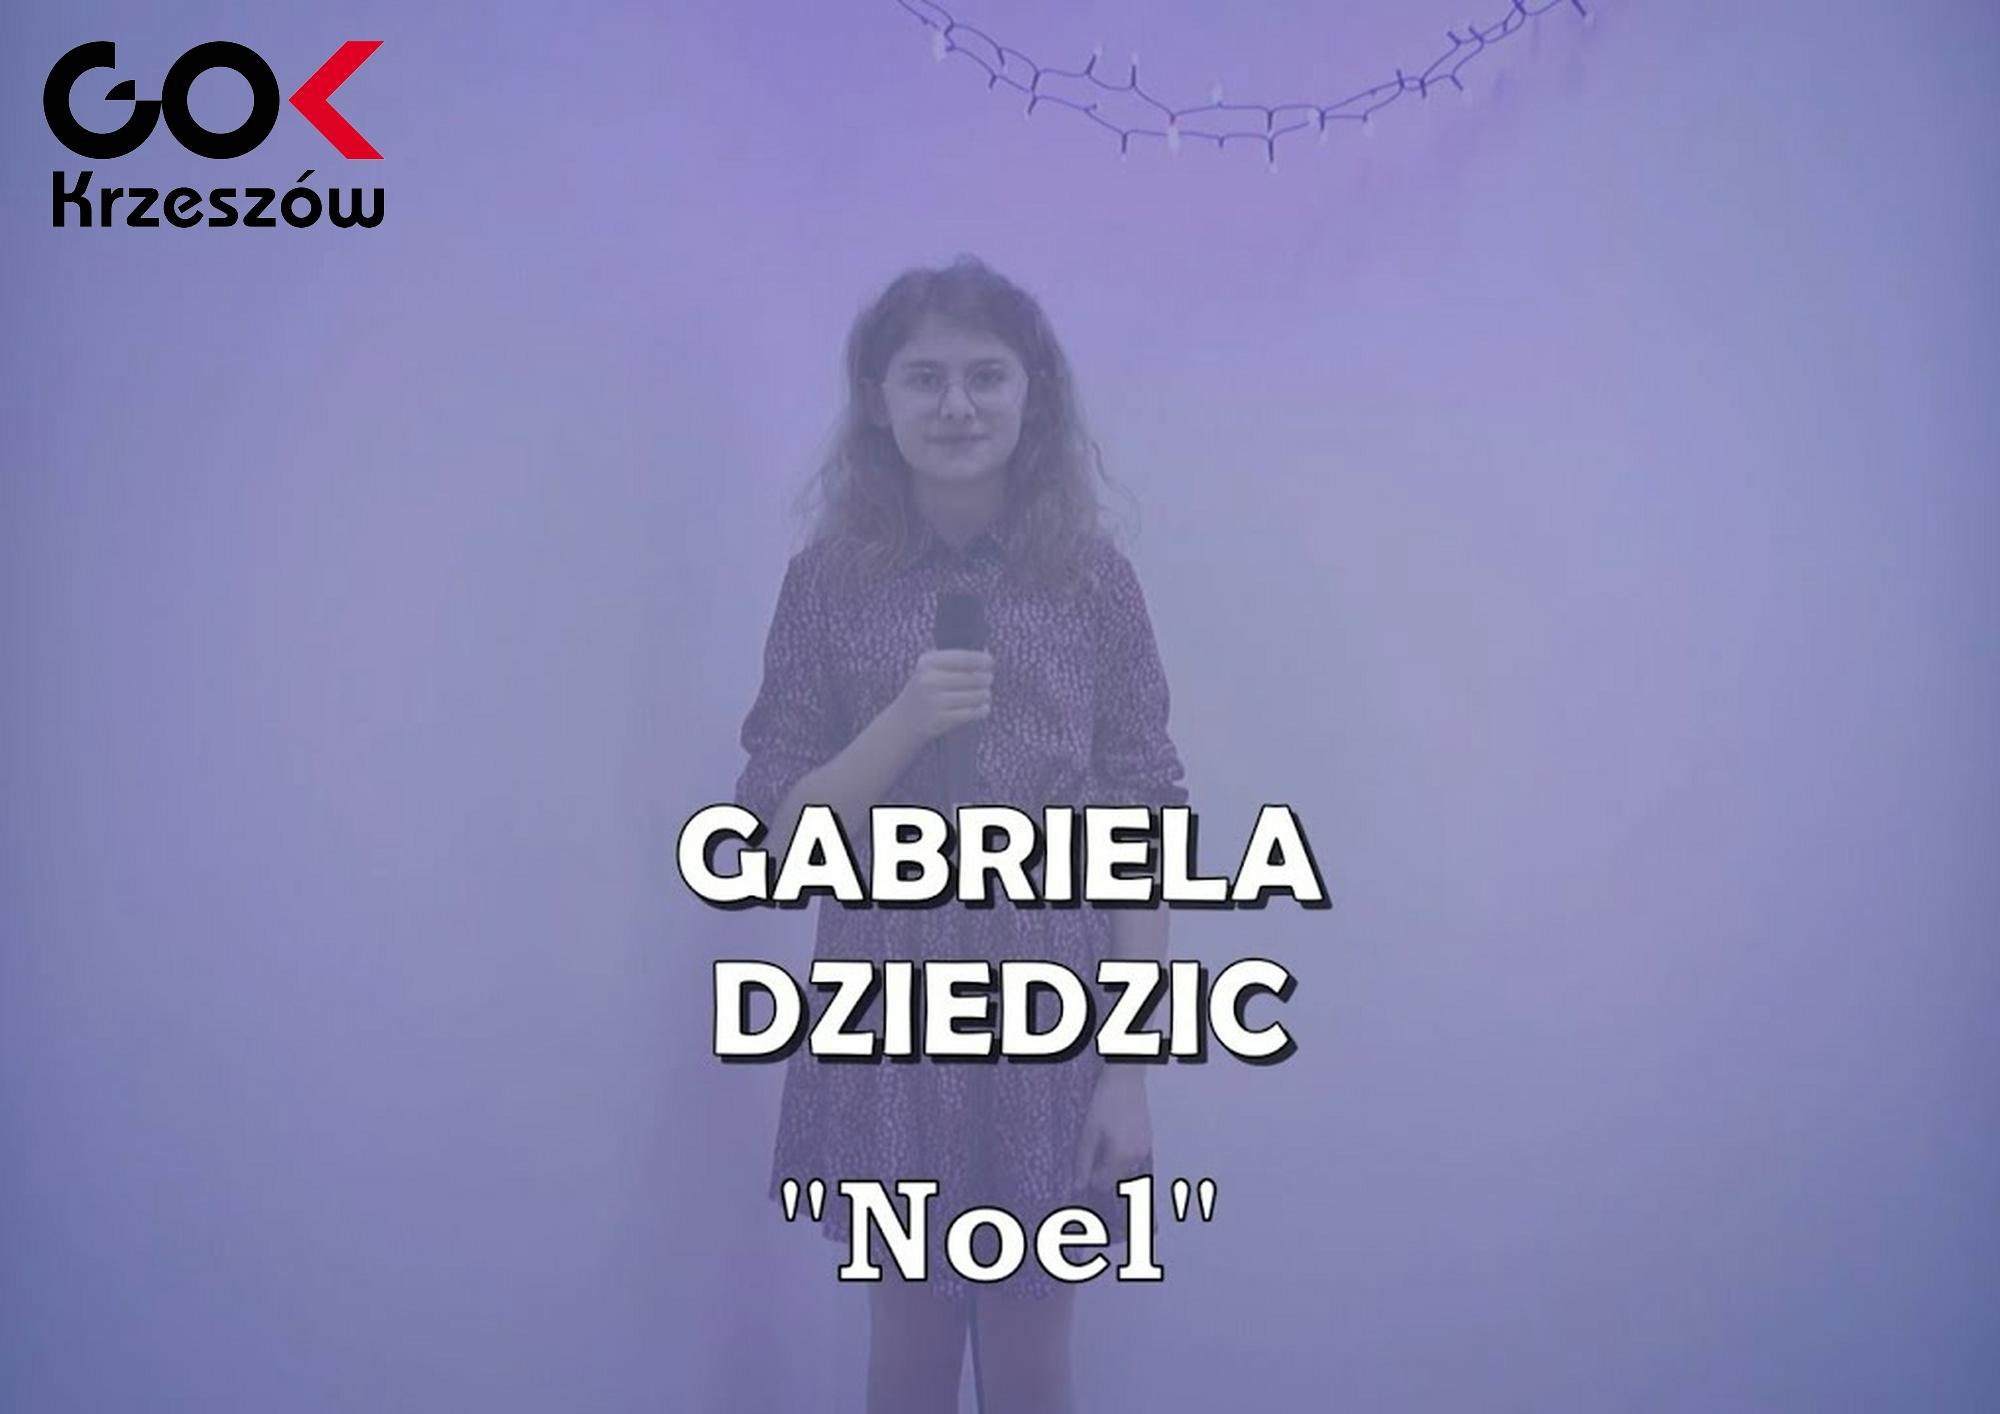 Gabriela Dziedzic